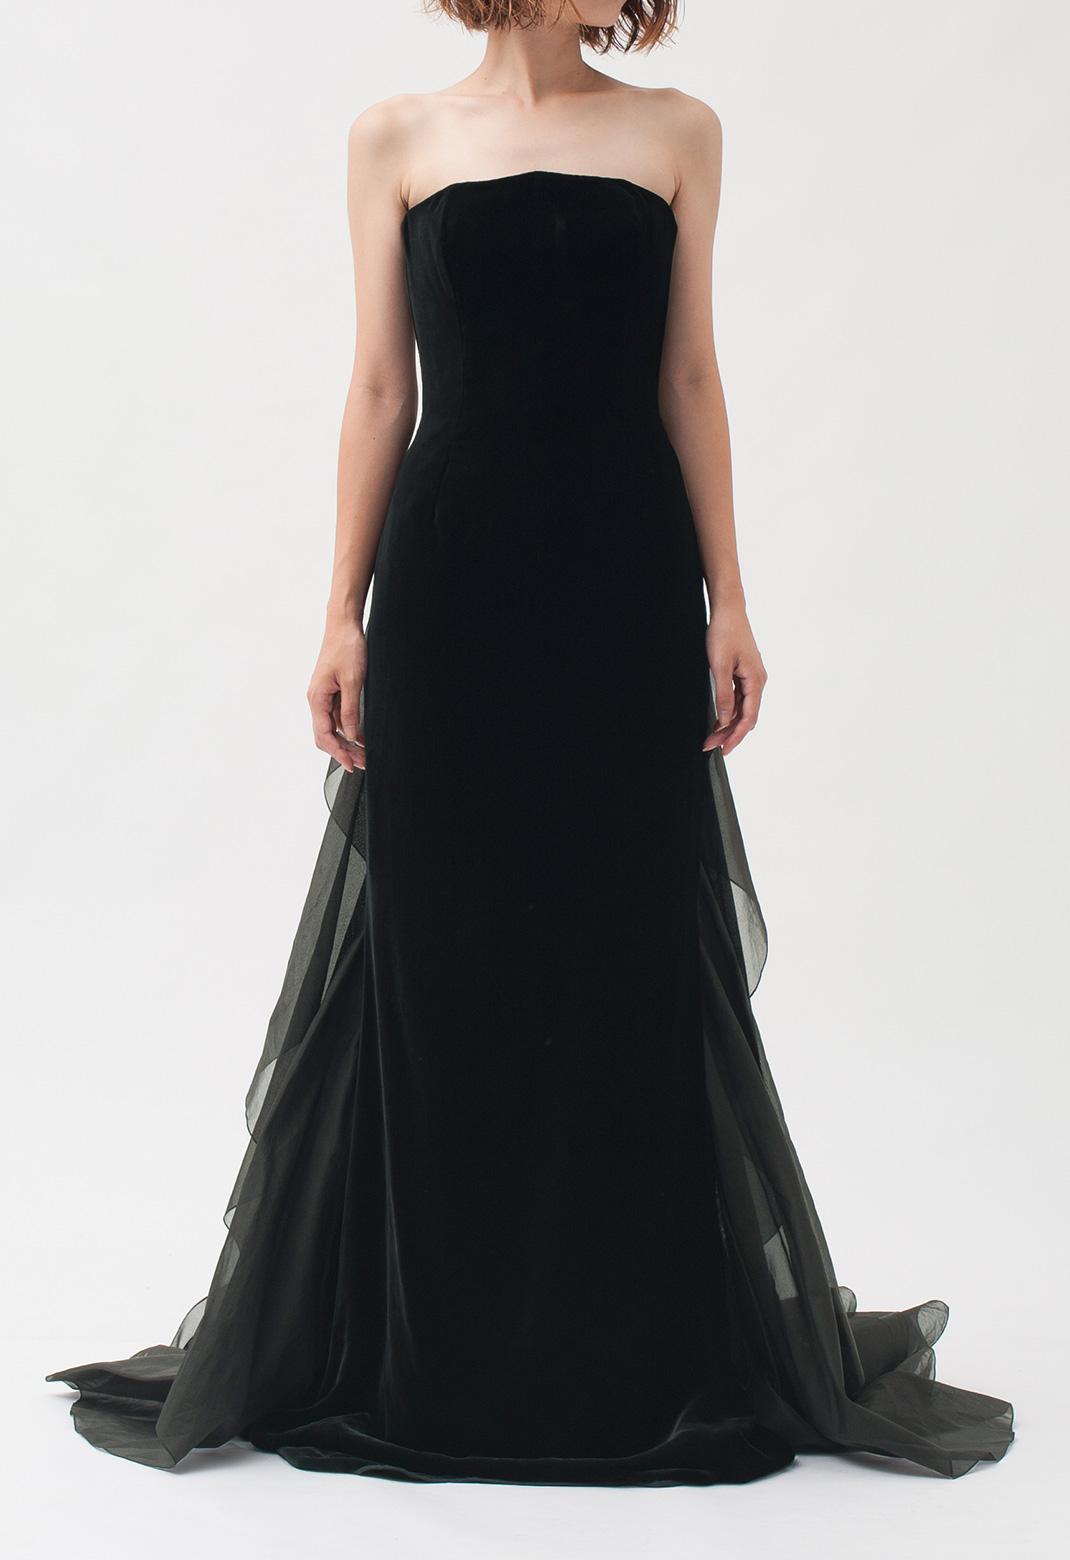 オスカーデラレンタ ベルベット  ストラップレス ロング ドレス